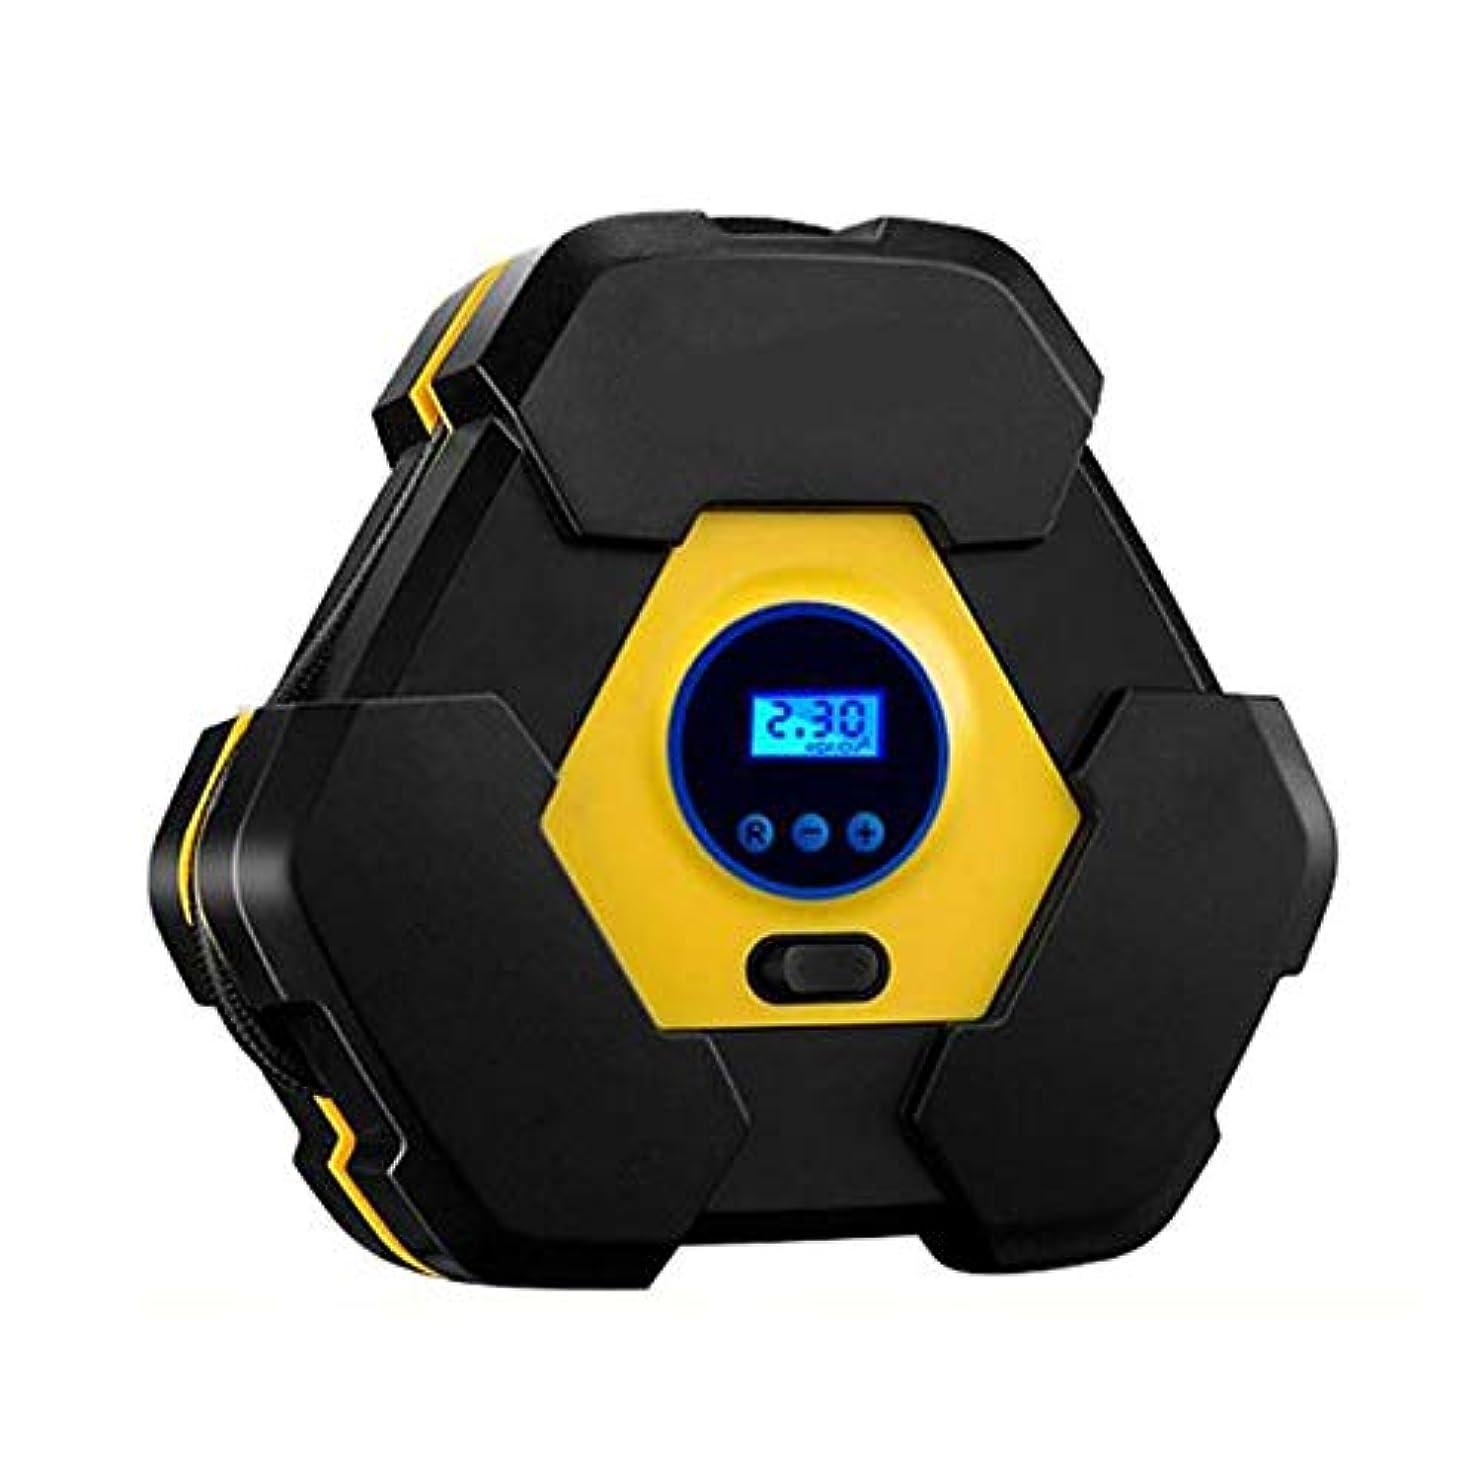 排出小切手彼ら自動車タイヤボールインフレータブルオブジェクトのポータブルデジタル表示オートエアーコンプレッサーポンプDC 12V 150PSI